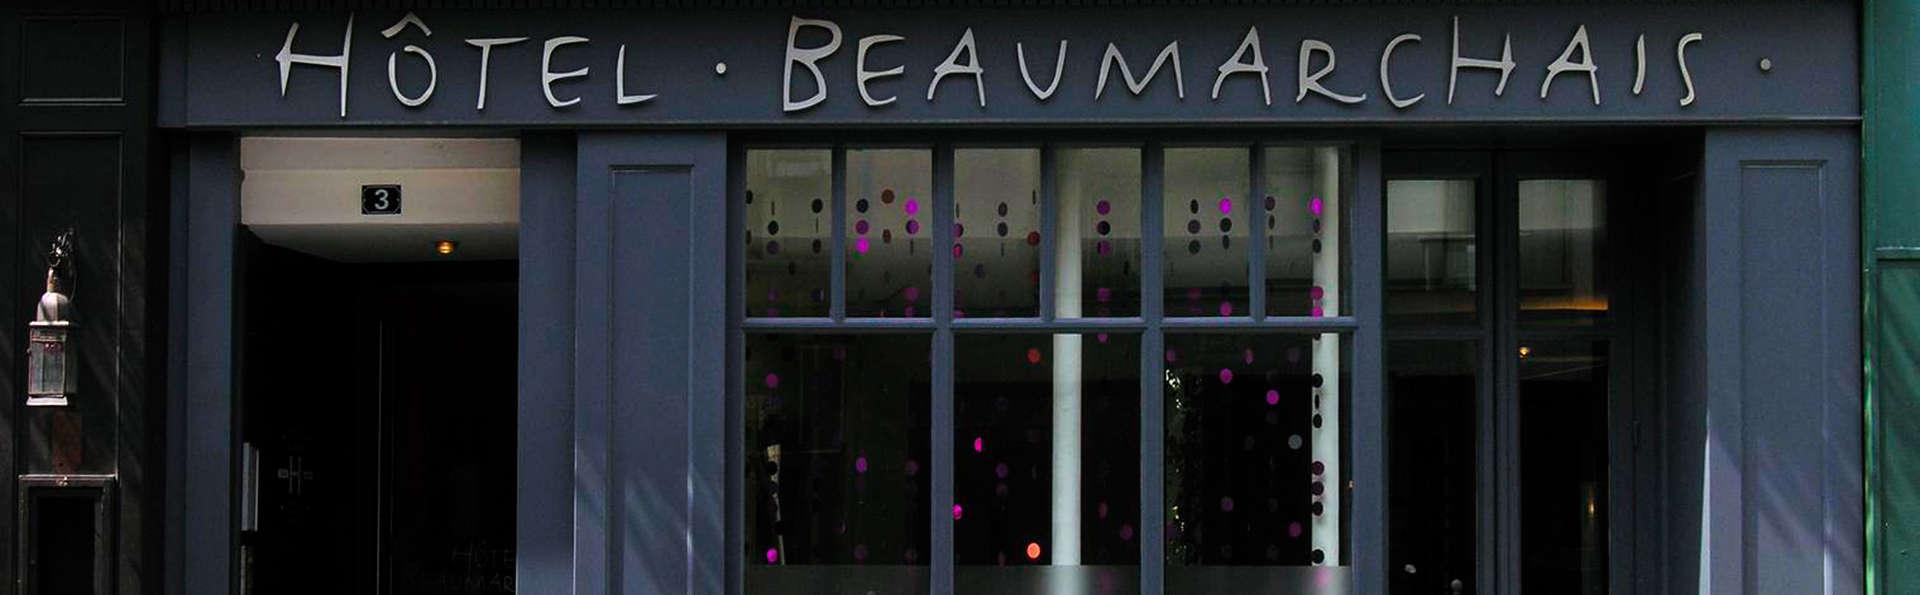 Hôtel Beaumarchais - EDIT_front1.jpg